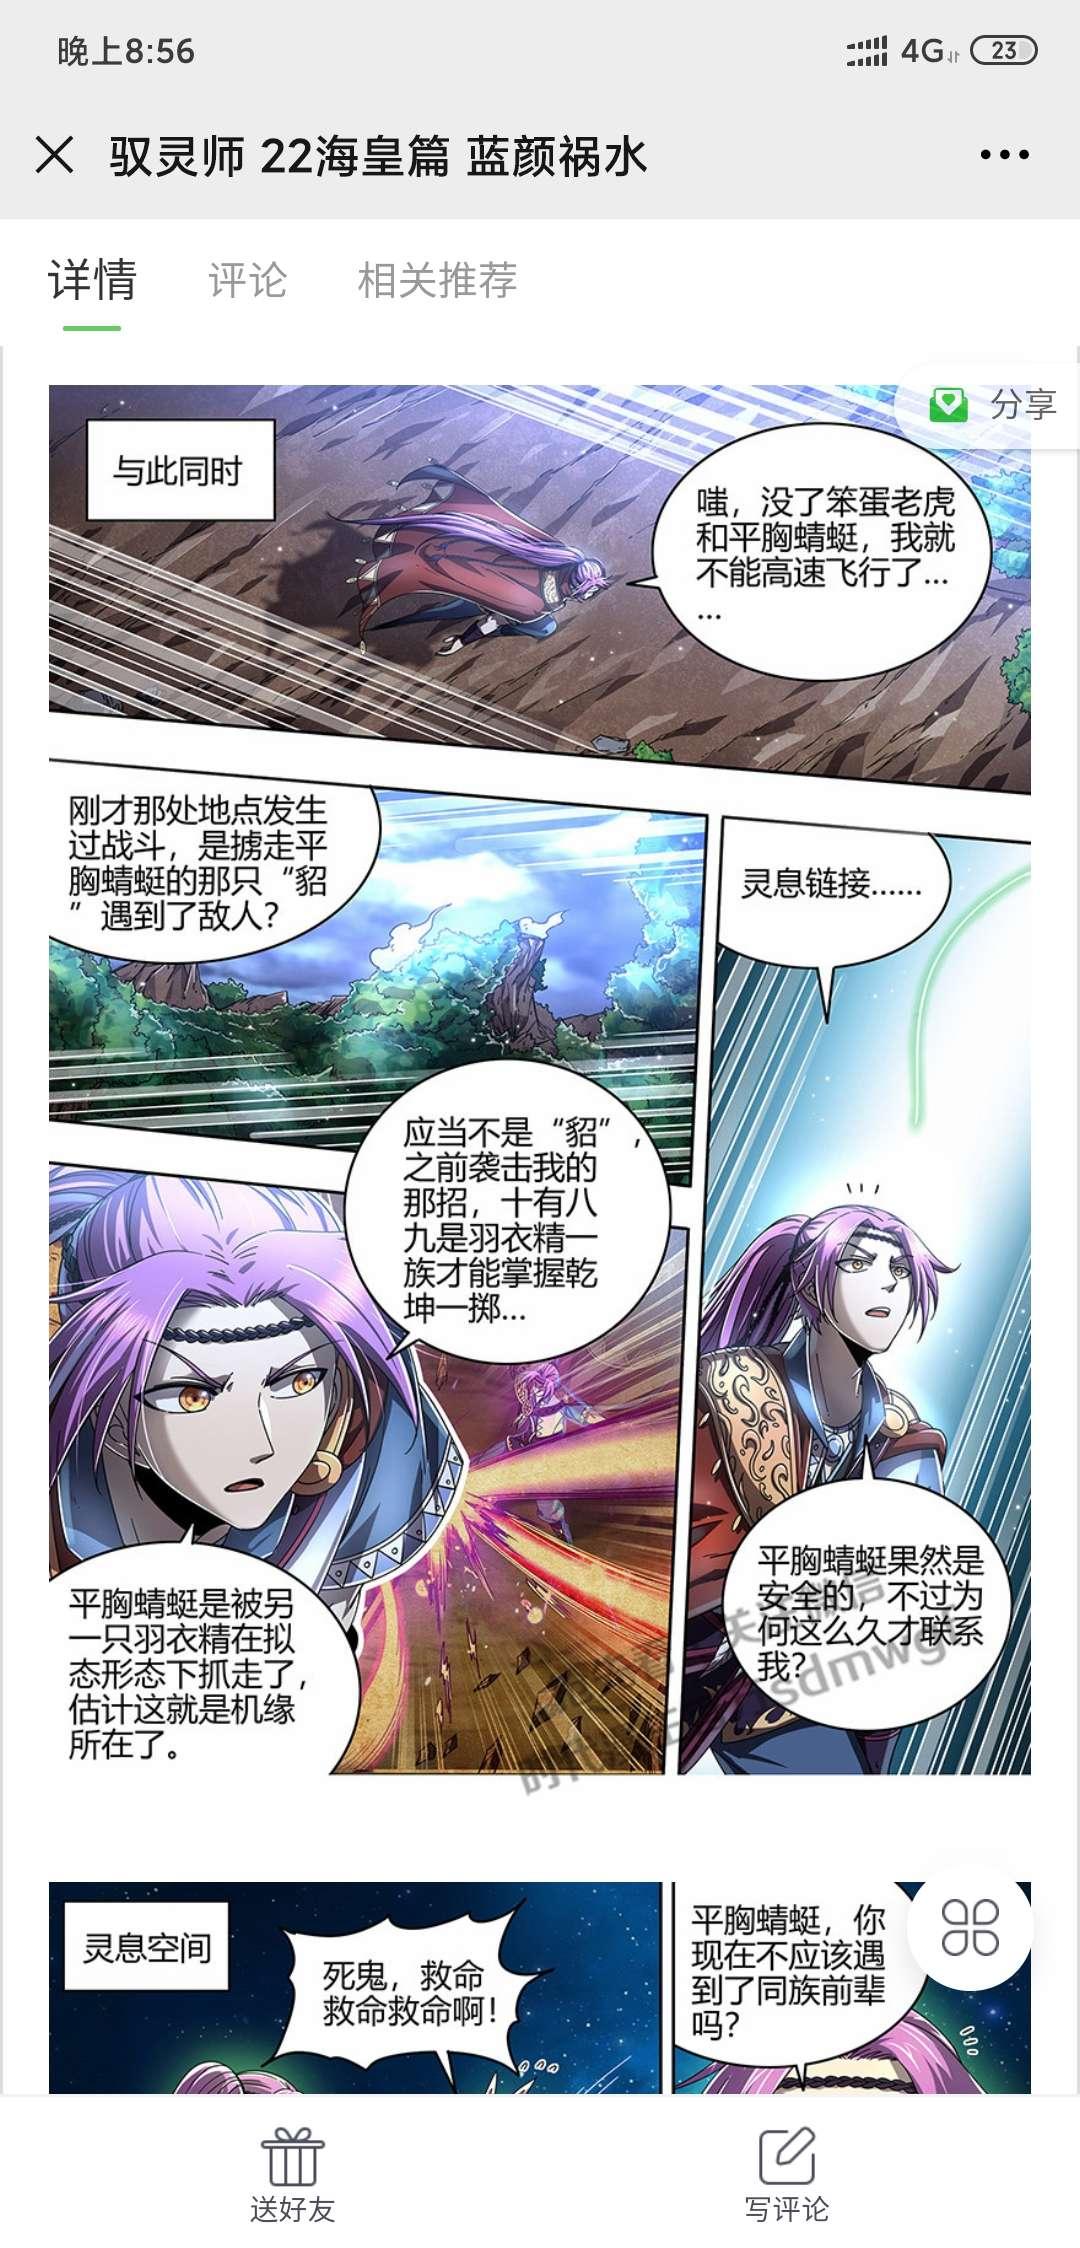 【漫画更新】驭灵师,小明变成了蓝颜祸水呀